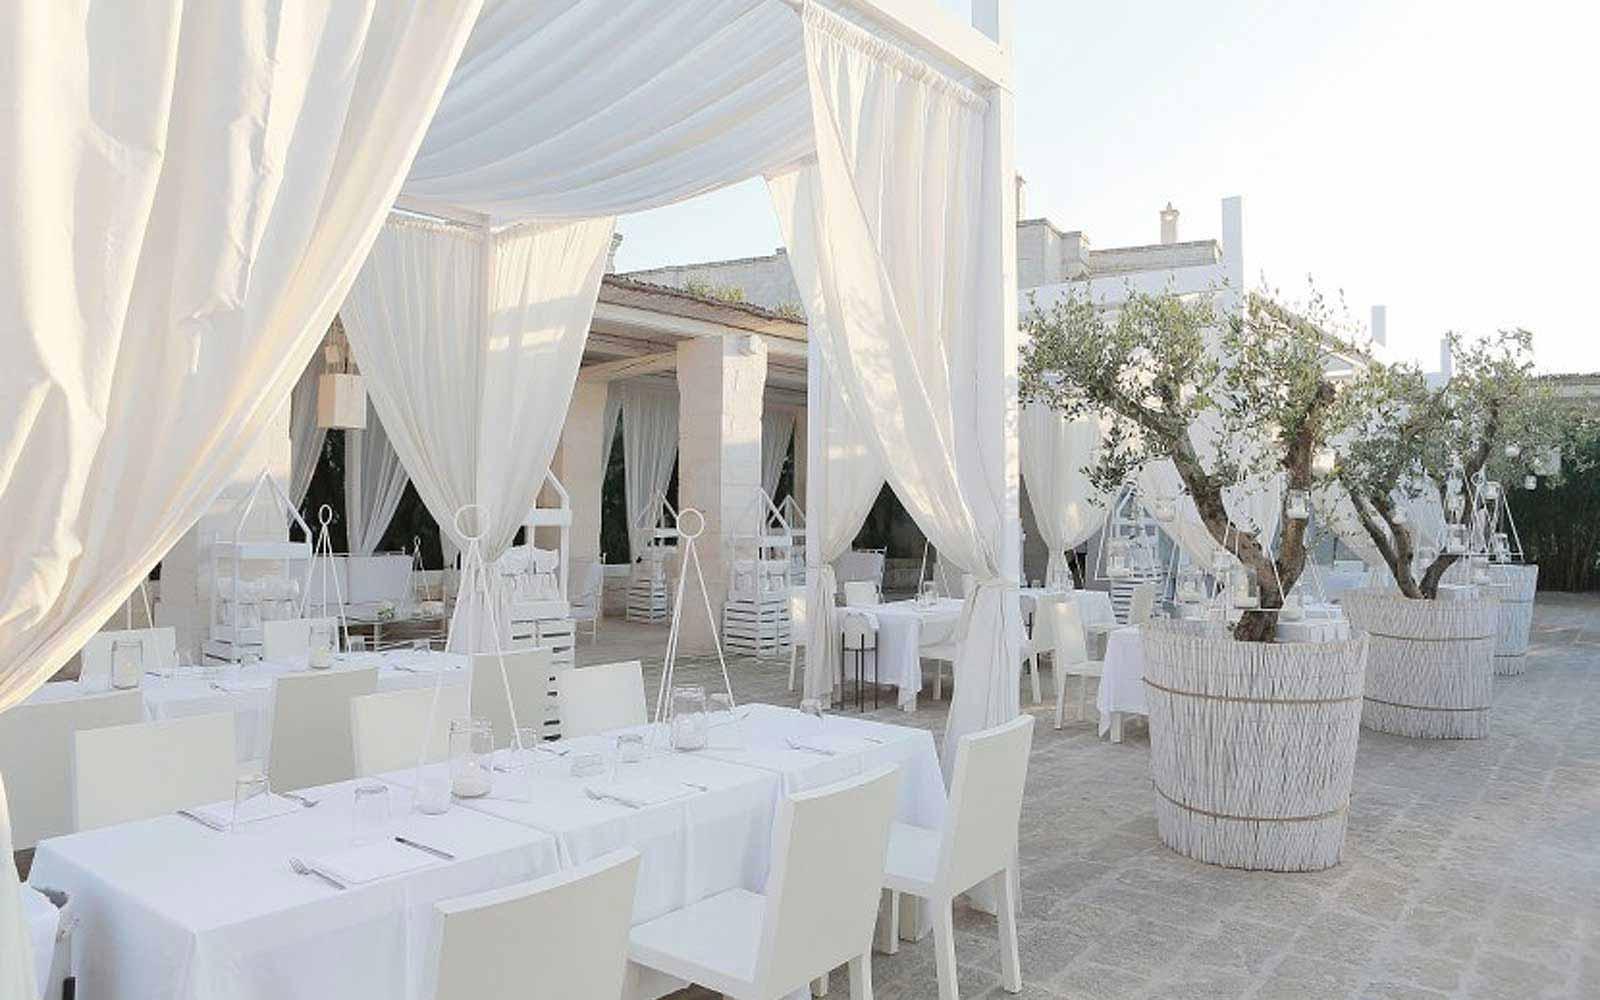 Il Colonnato Restaurant at the Borgo Egnazia